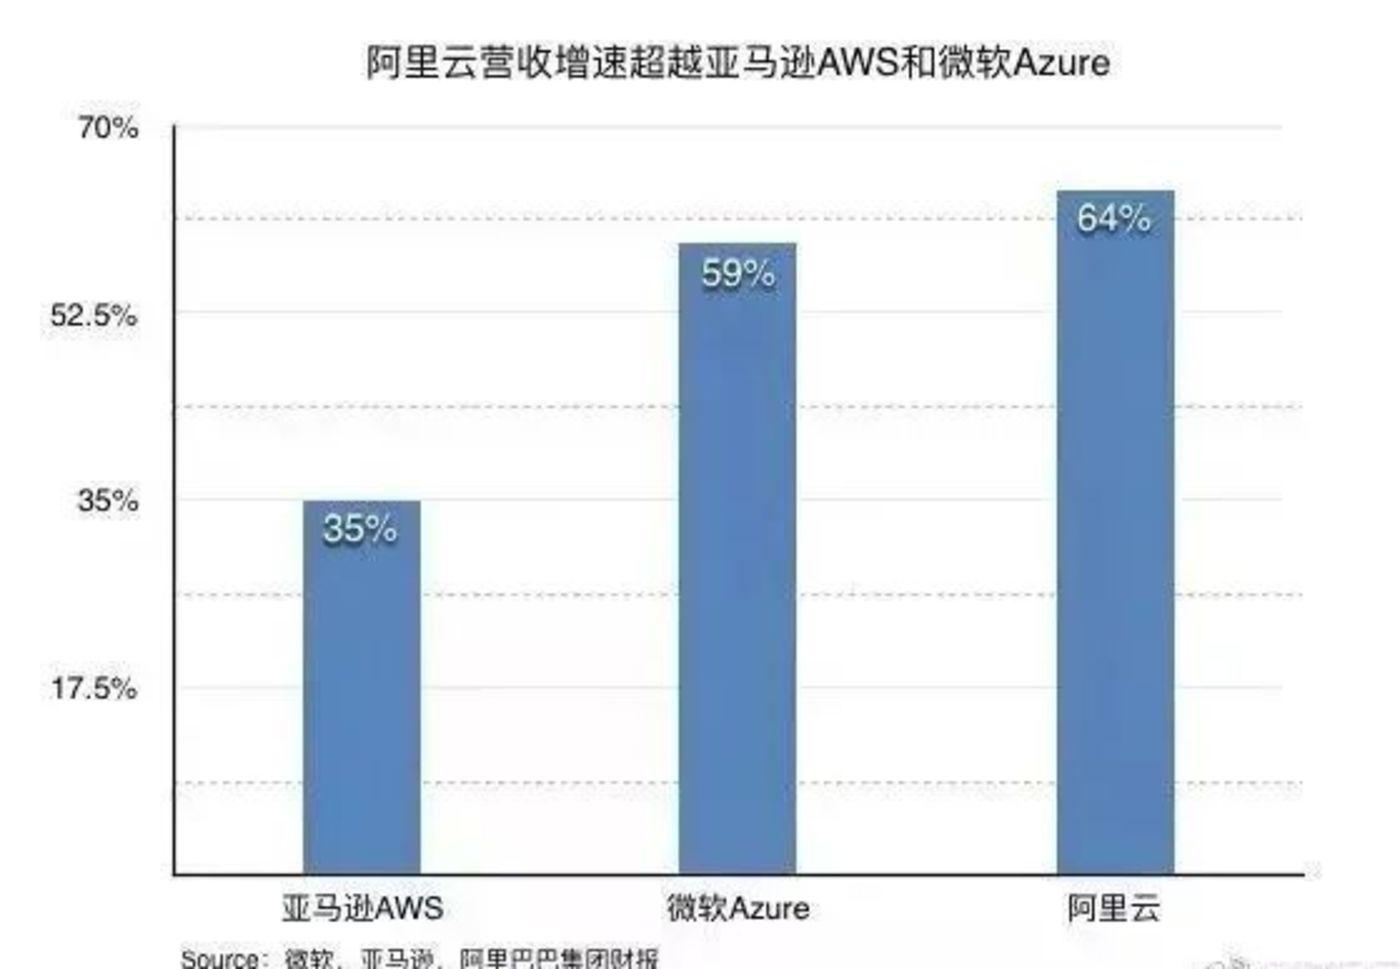 阿里云增速超过微软和亚马逊